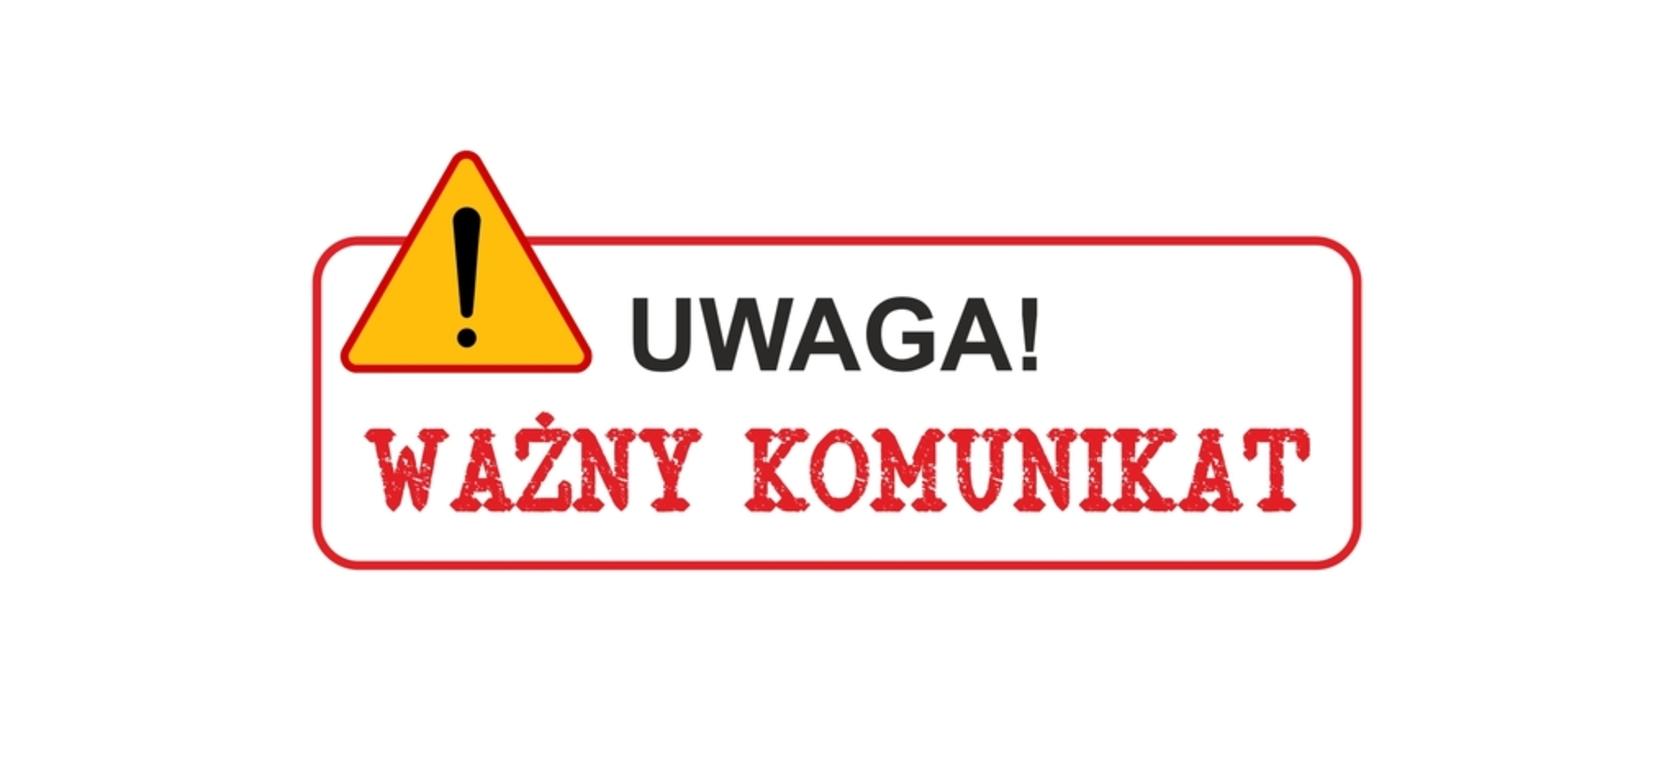 Komunikat - logo